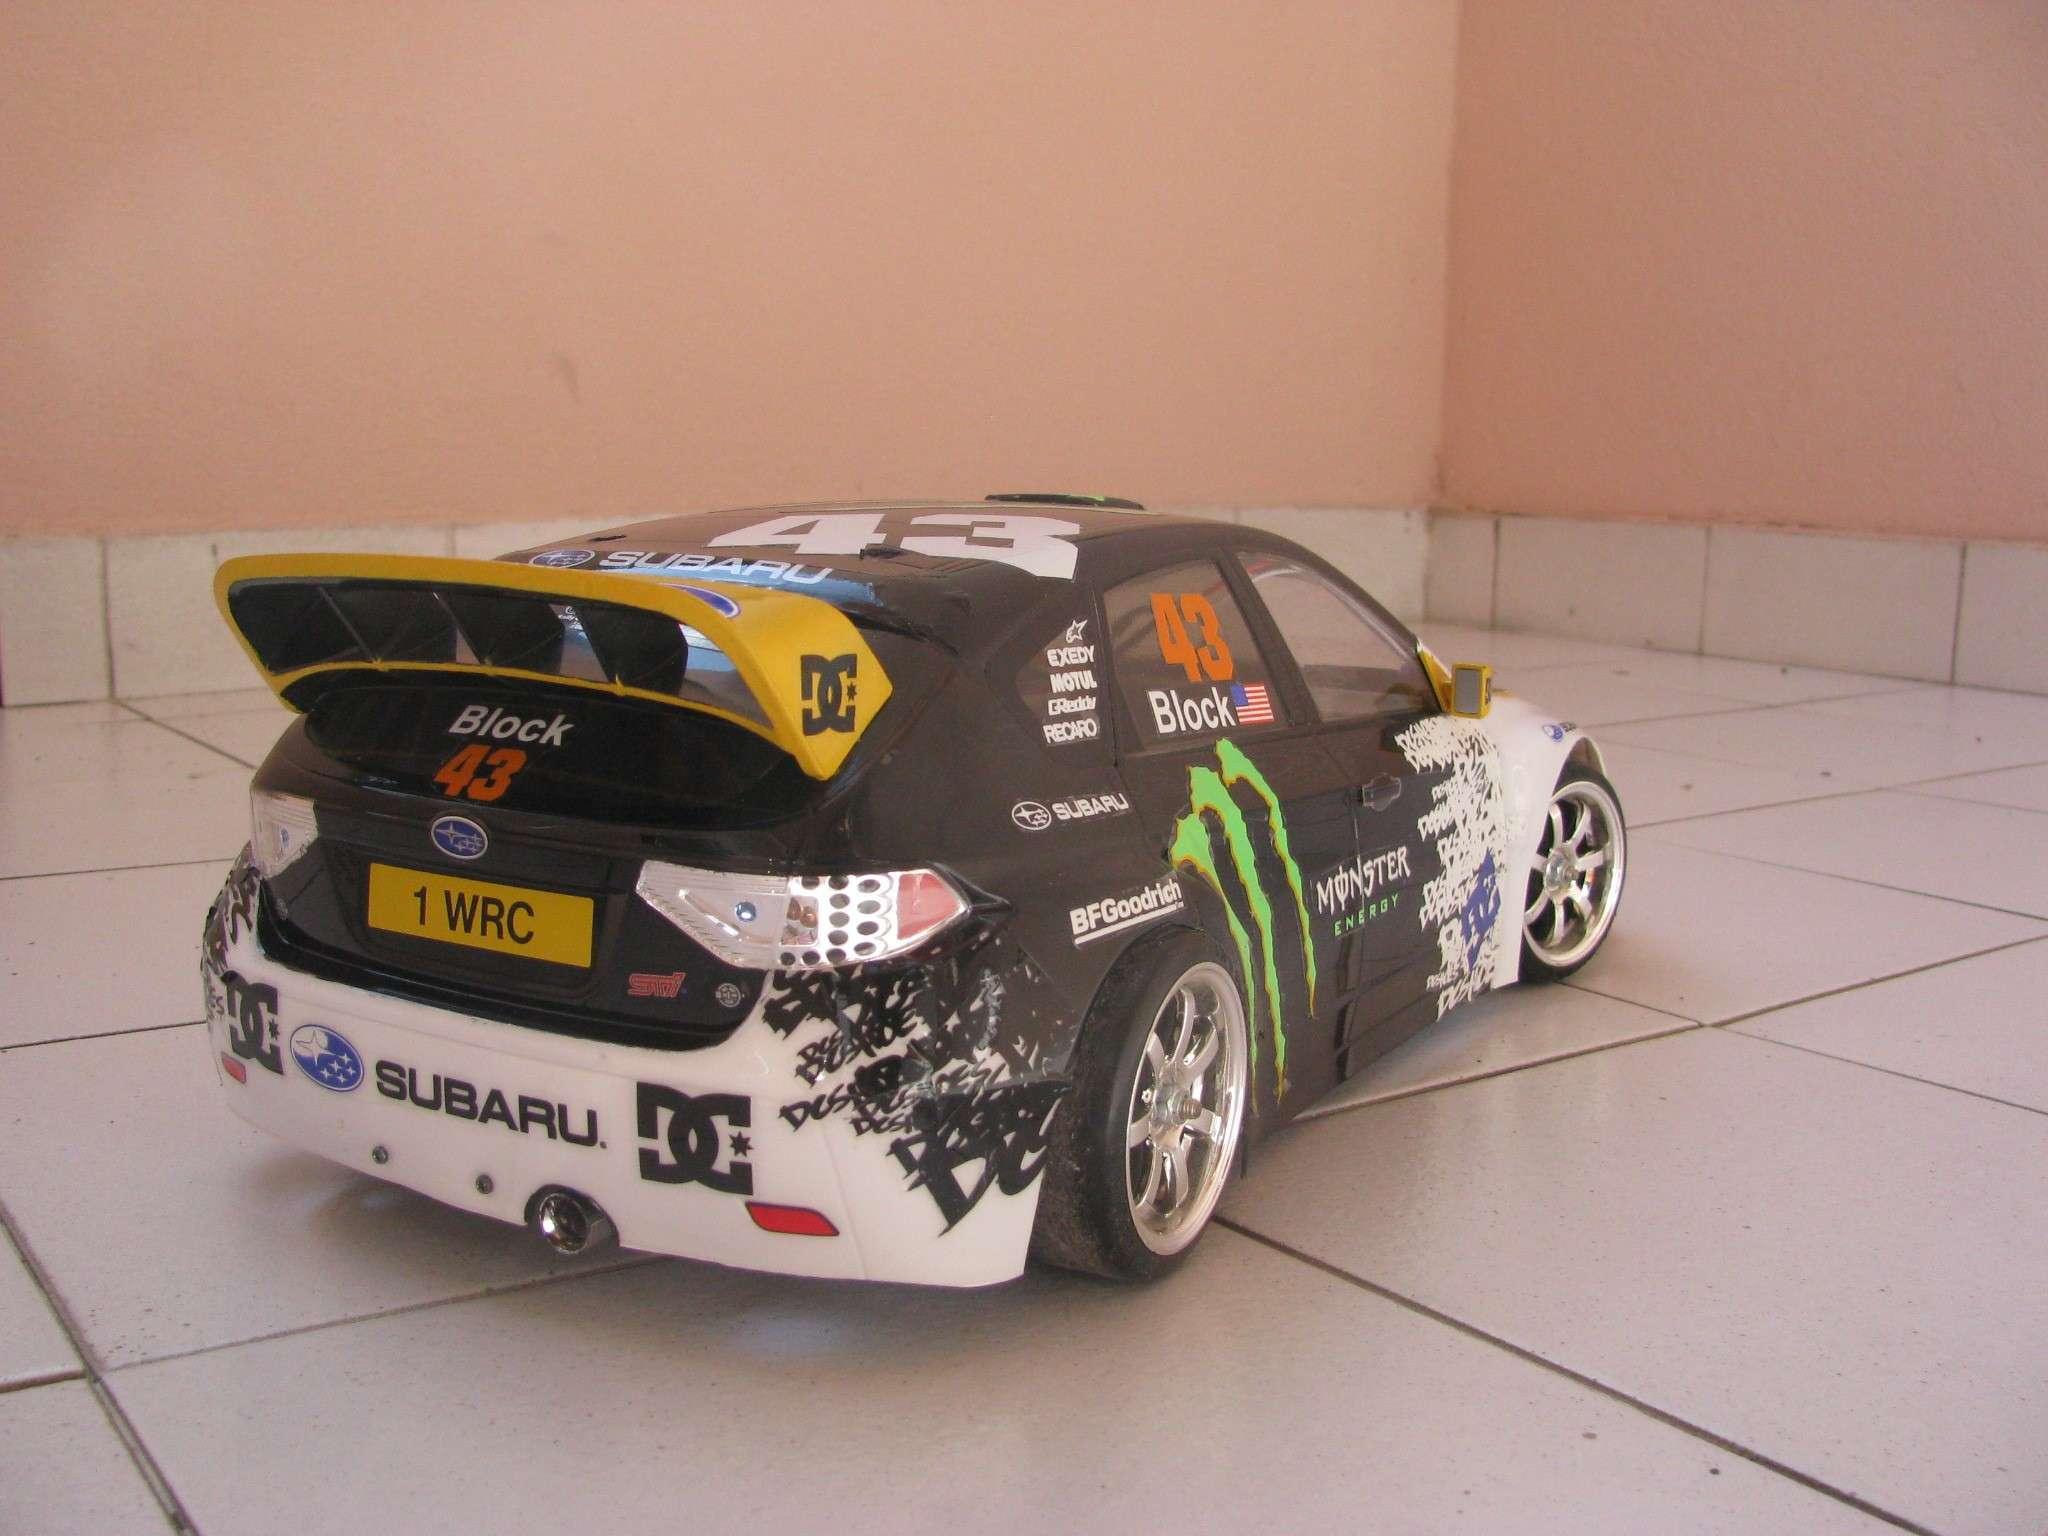 Denise Milani Hot, Subaru Monster Energy Replica